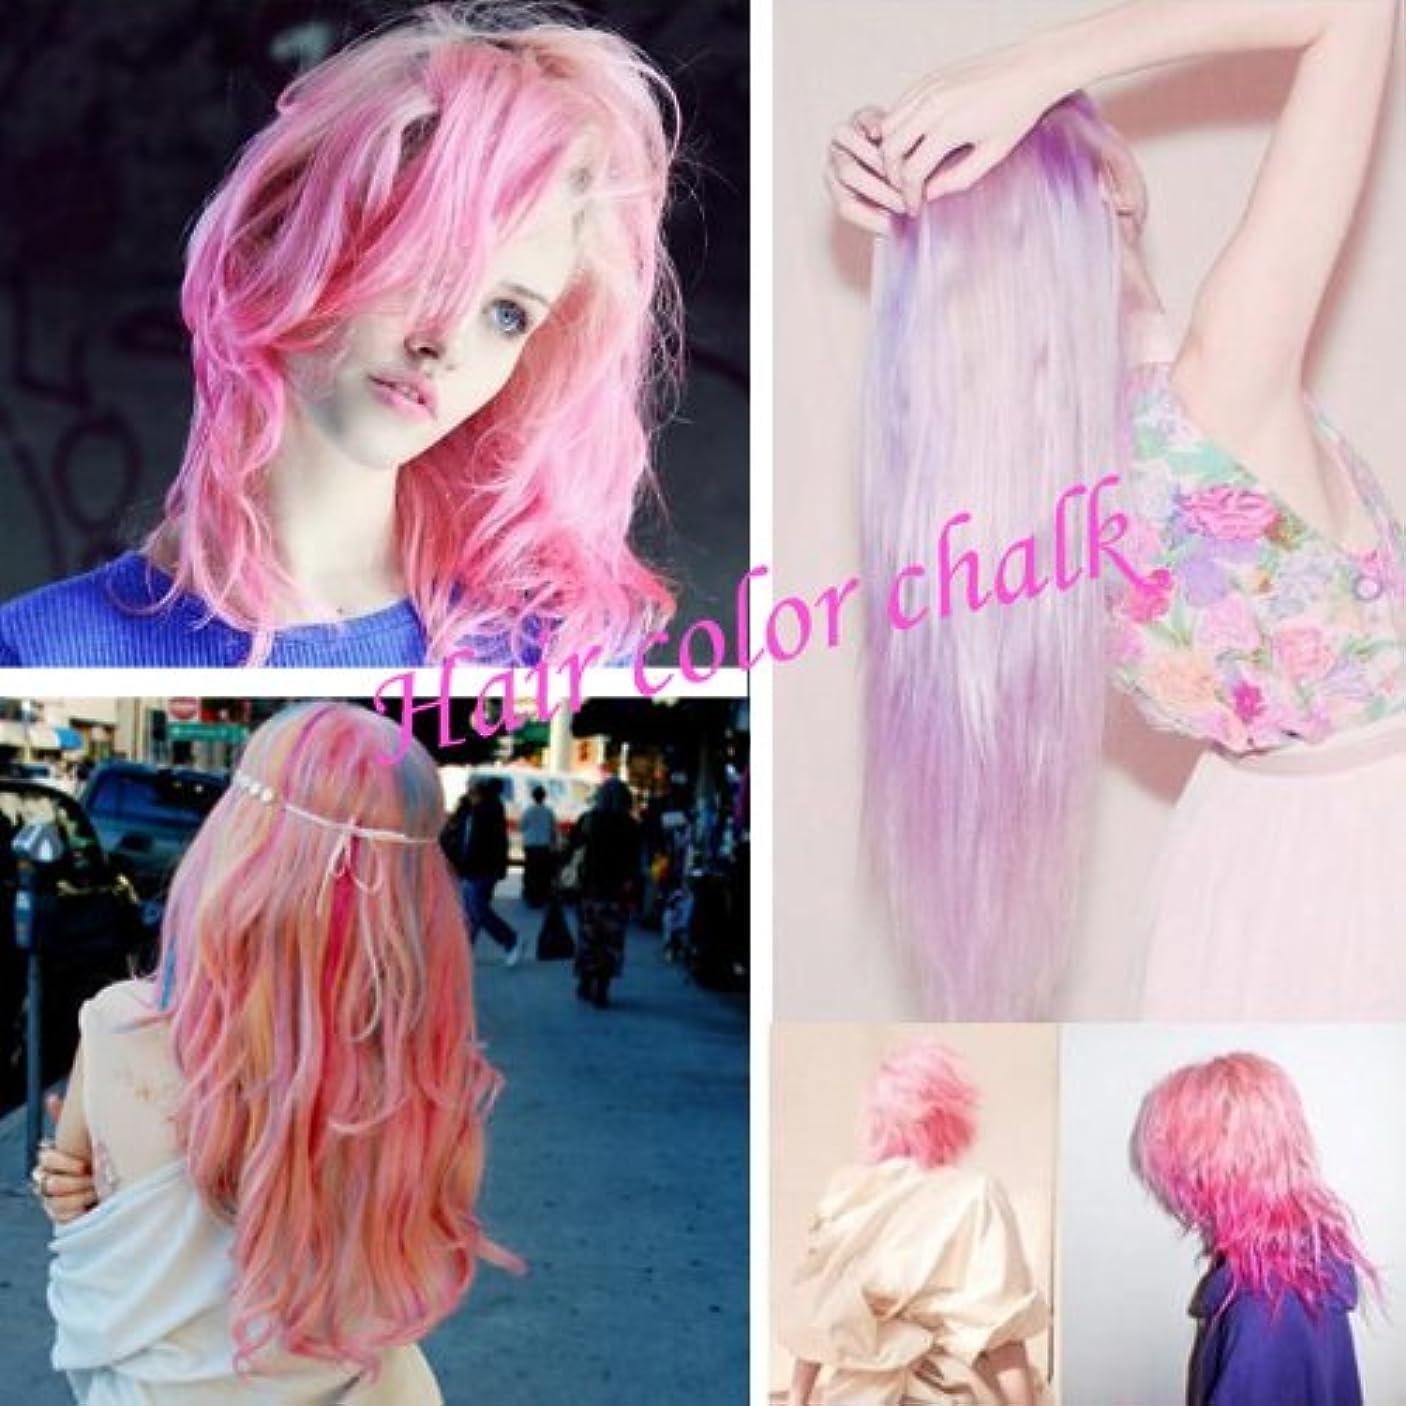 ビスケット失敗時間とともに【即日発送】【全36色】ヘアチョーク ヘアカラーチョーク Hair color chalk